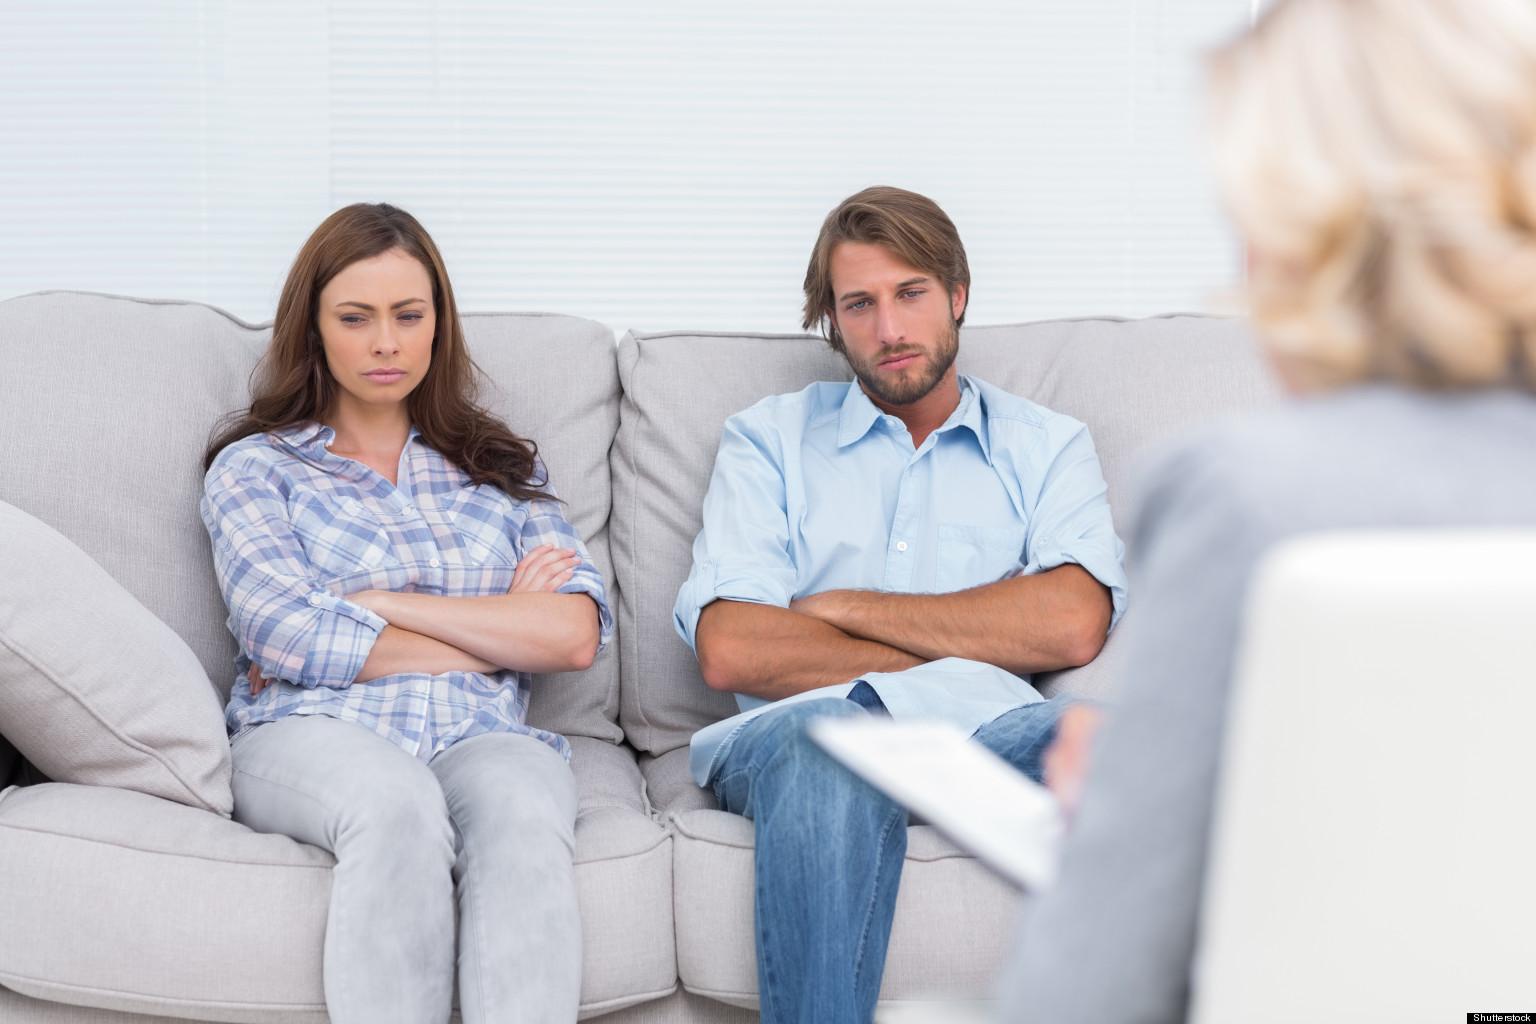 چگونه با همسر رفیق باز رفتار کنیم؟